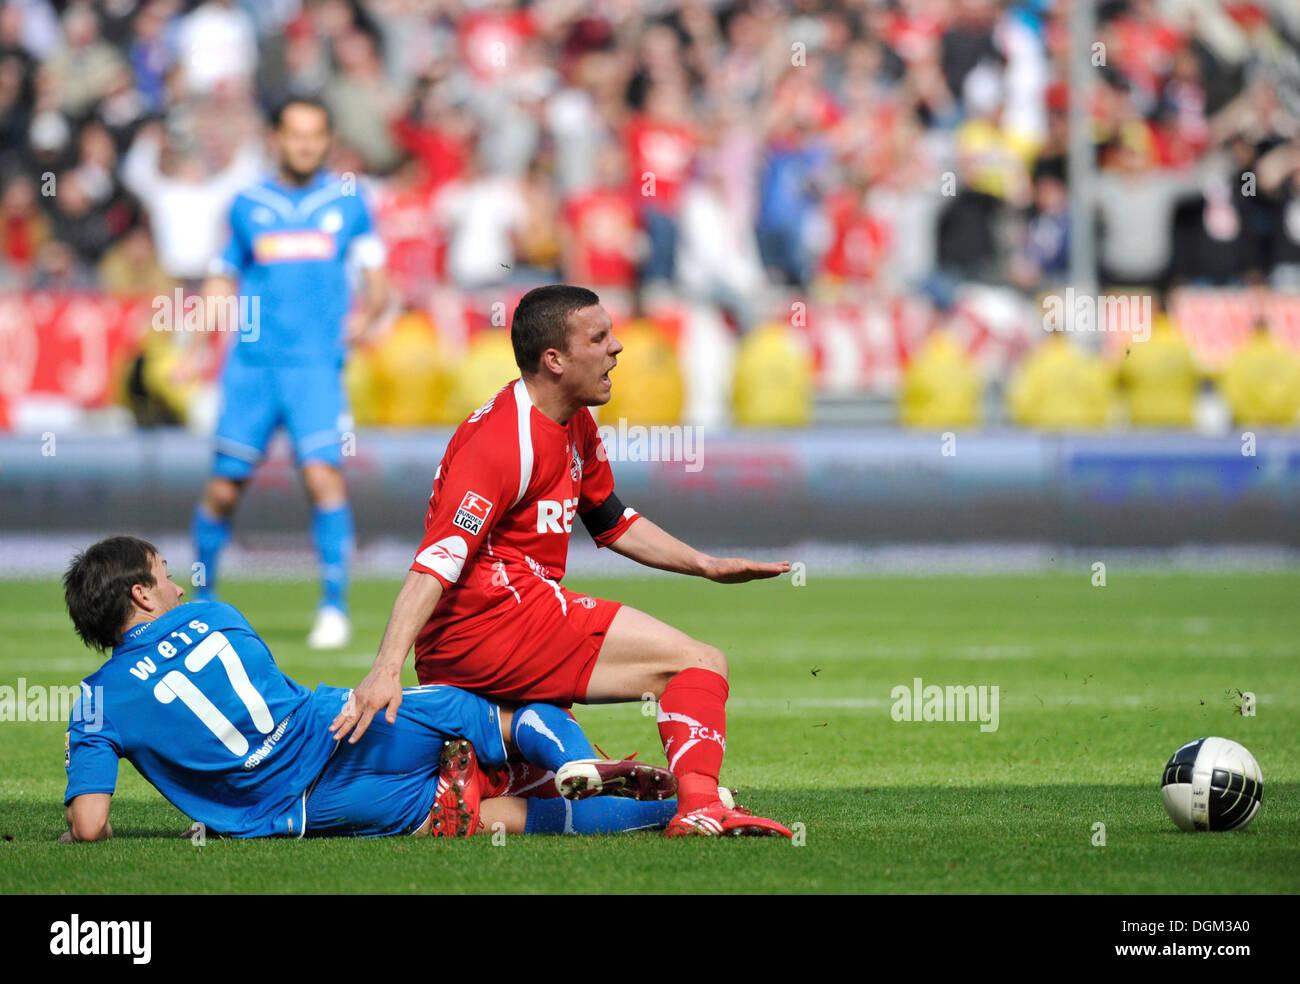 Fallo commesso durante la sfida, Tobias Weis del TSG 1899 Hoffenheim, sinistra, vs tedesco giocatore internazionale Lukas Podolski di 1 FC Immagini Stock